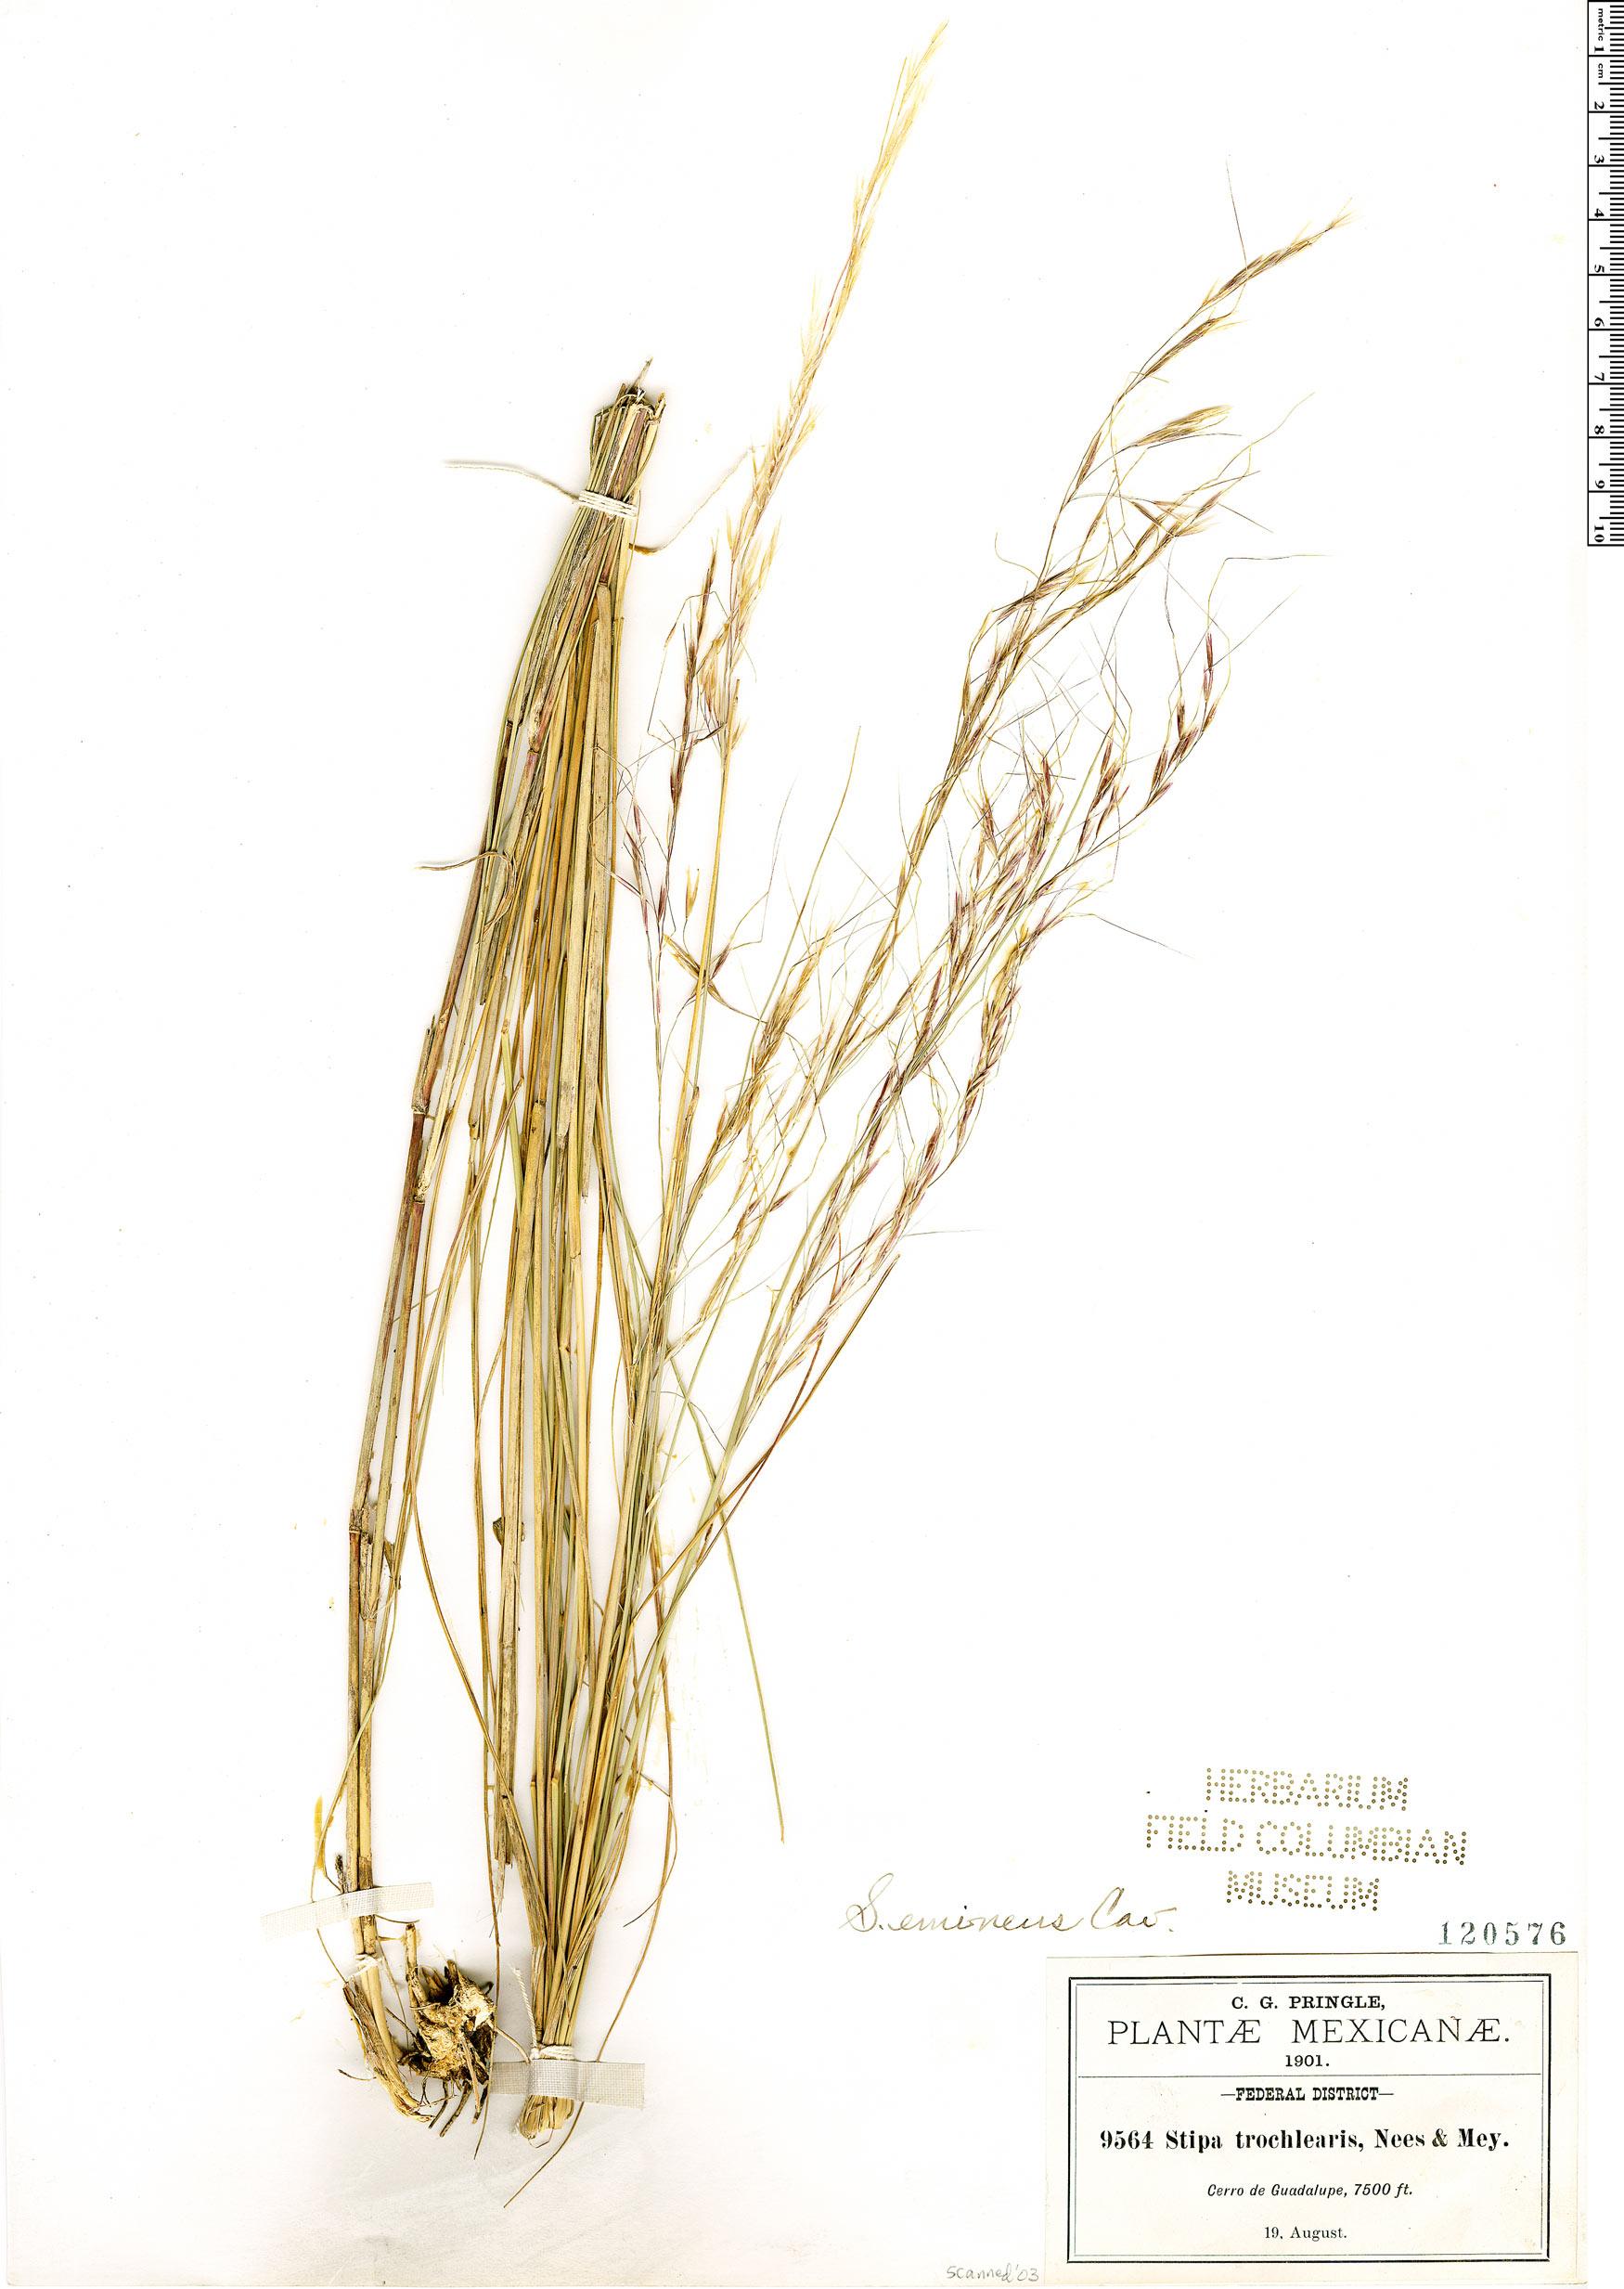 Specimen: Achnatherum eminens